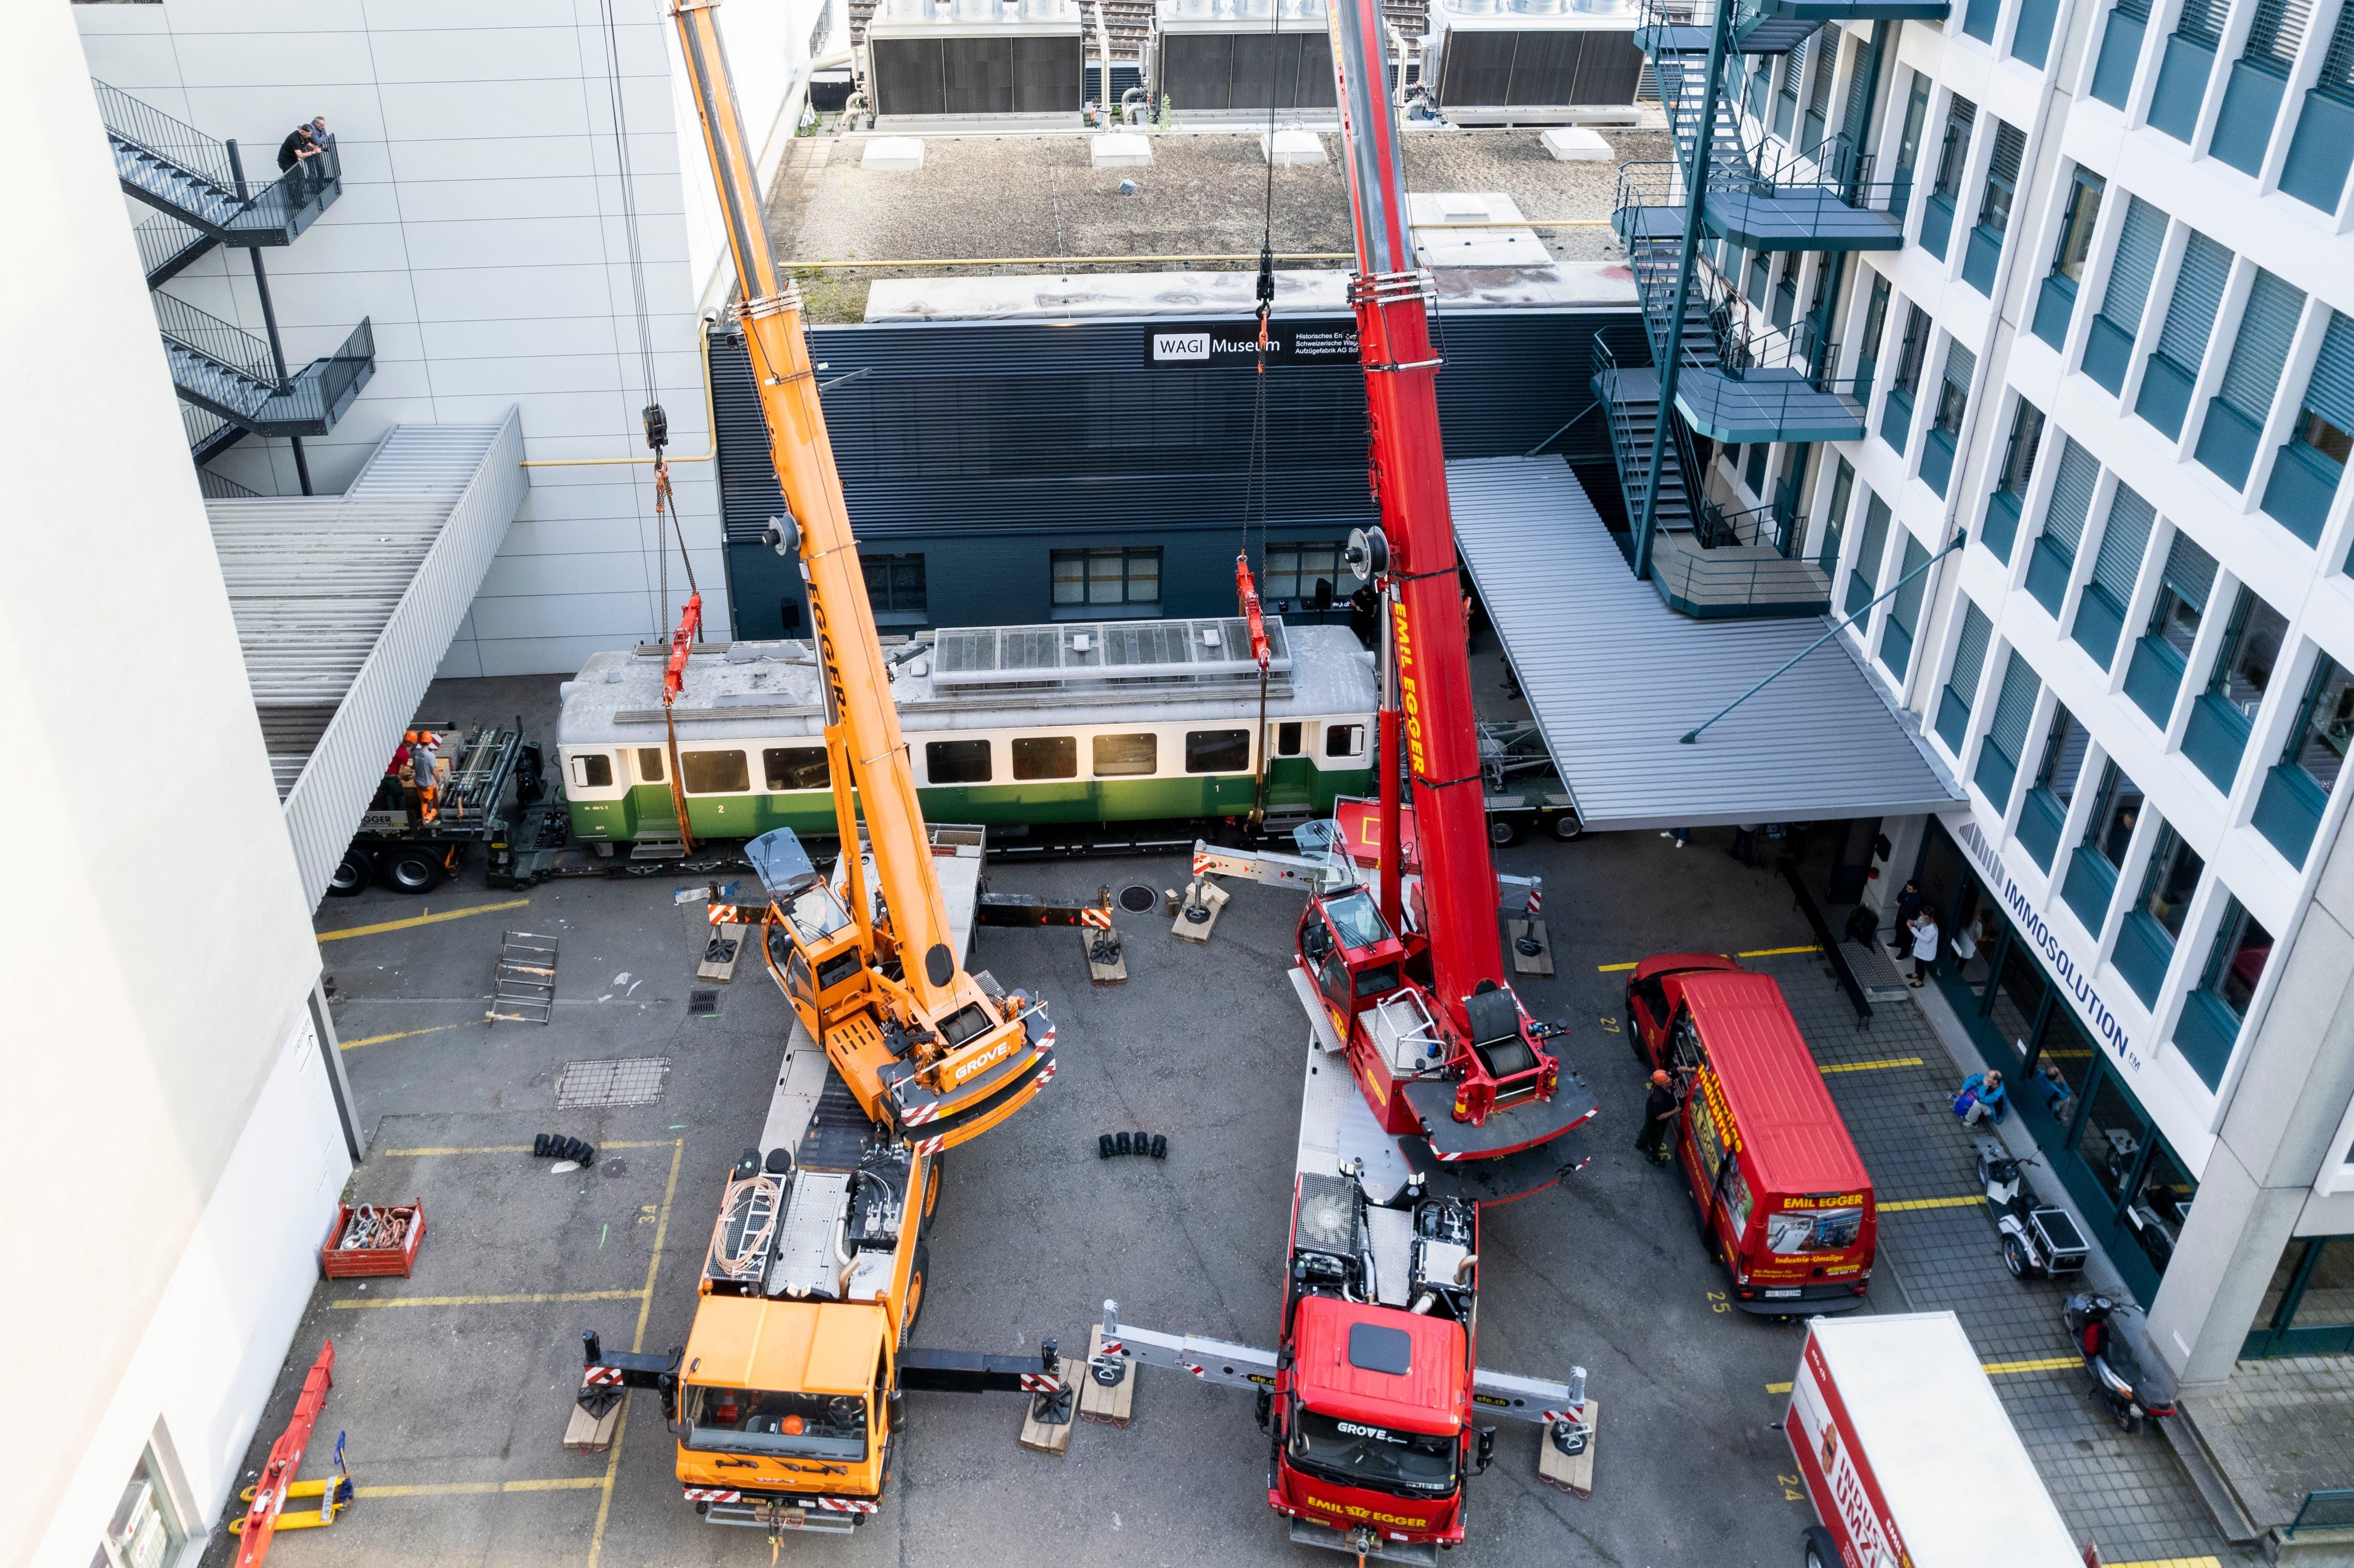 Am Donnerstag erhielt das Wagi-Museum in Schlieren ein neues Schmuckstück: den Triebwagen ABe 4/4 5 der eingestellten Tessiner Biasca-Aquarossa-Bahn.